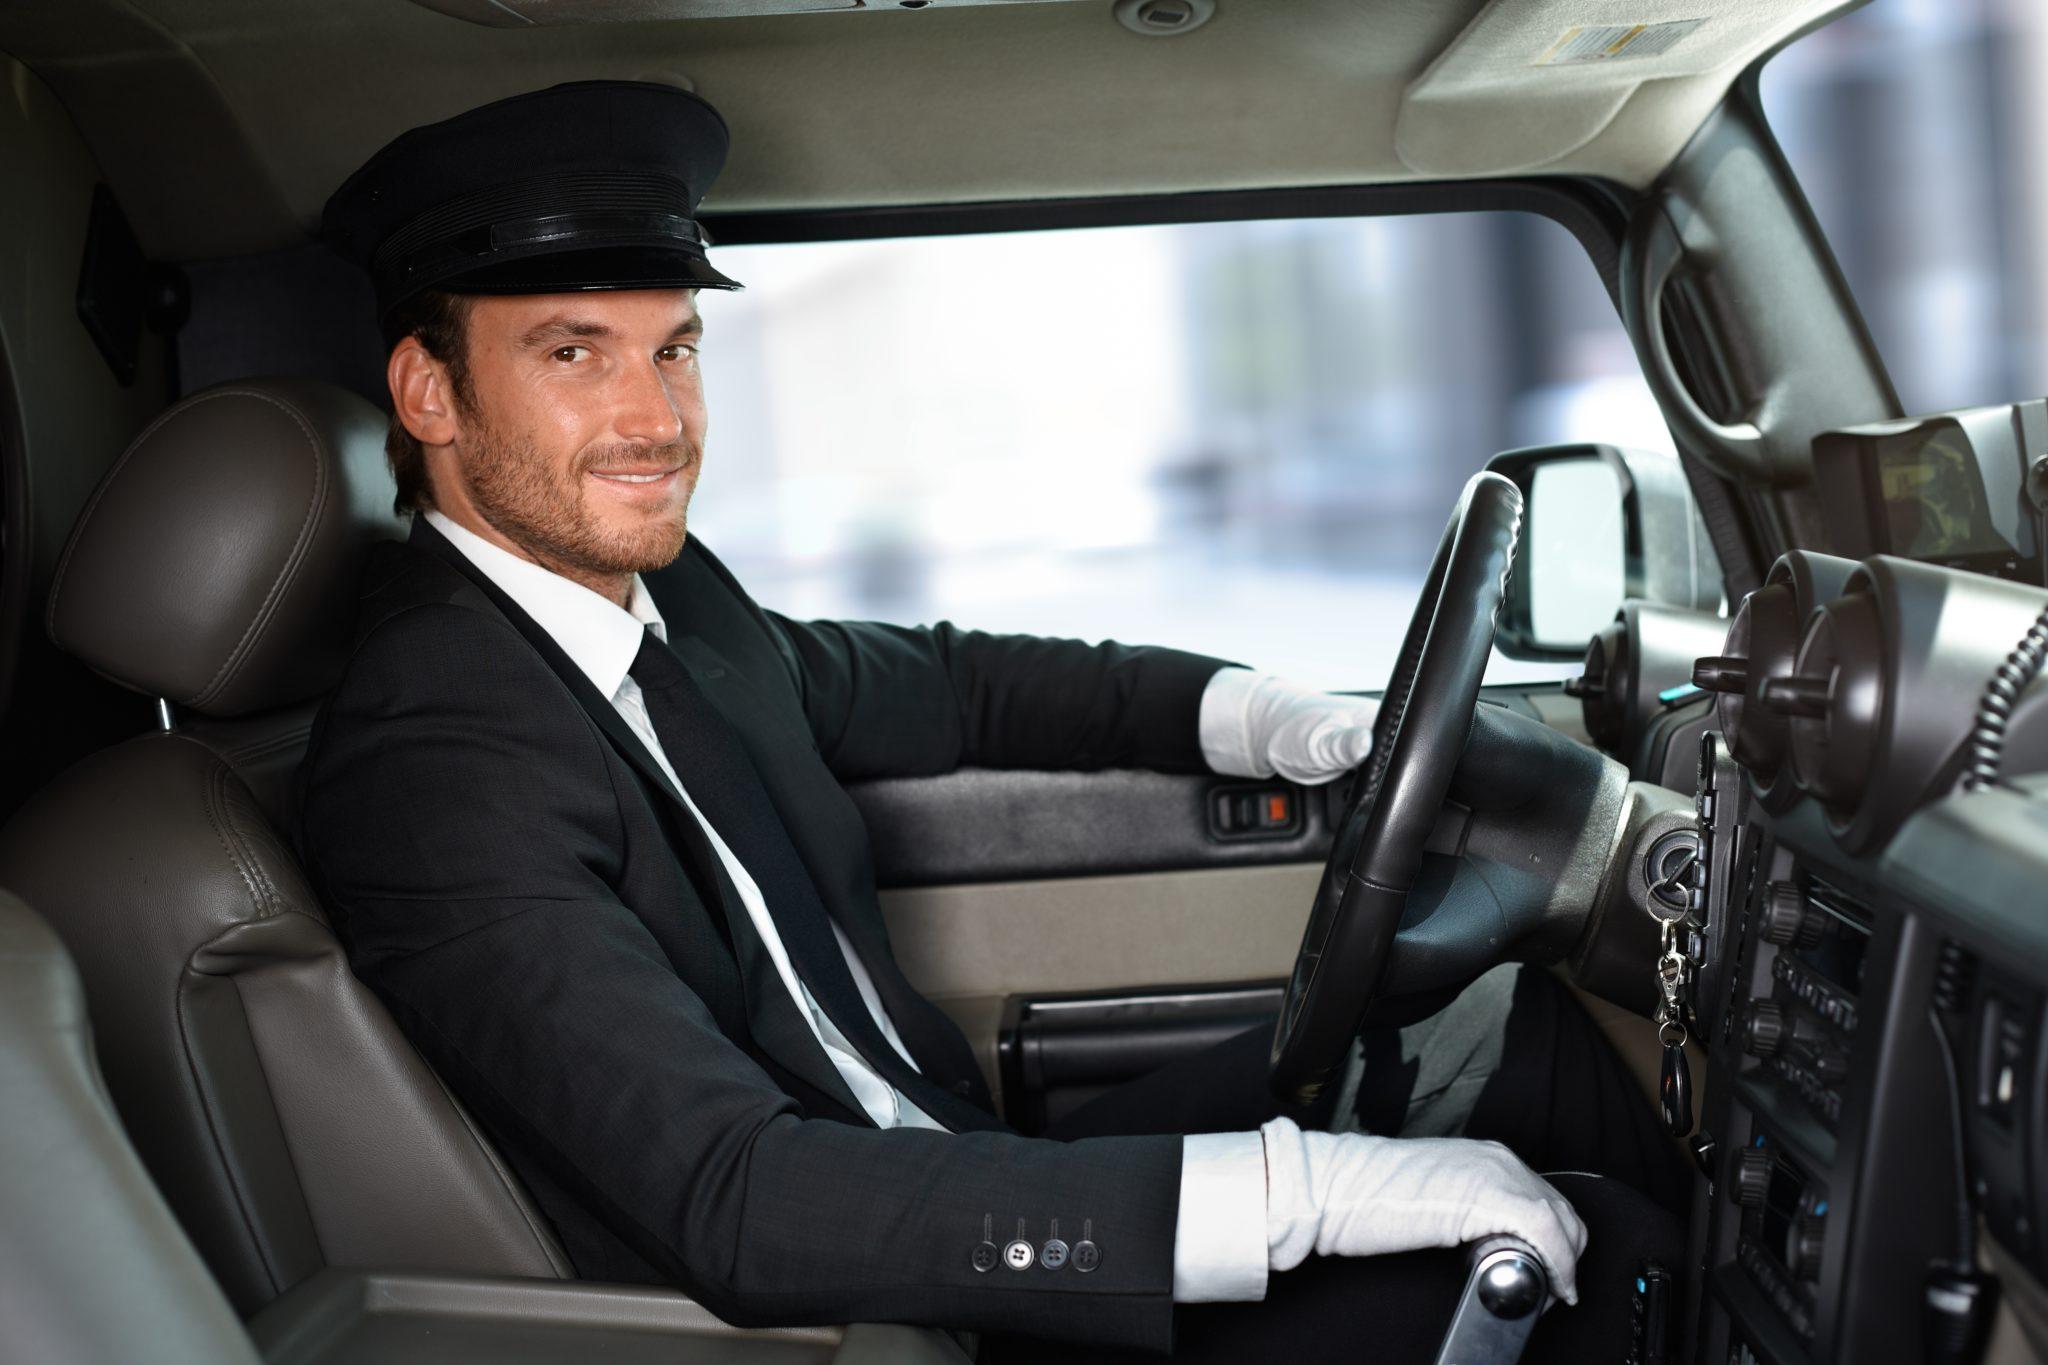 Autista all'opera per auto aziendali